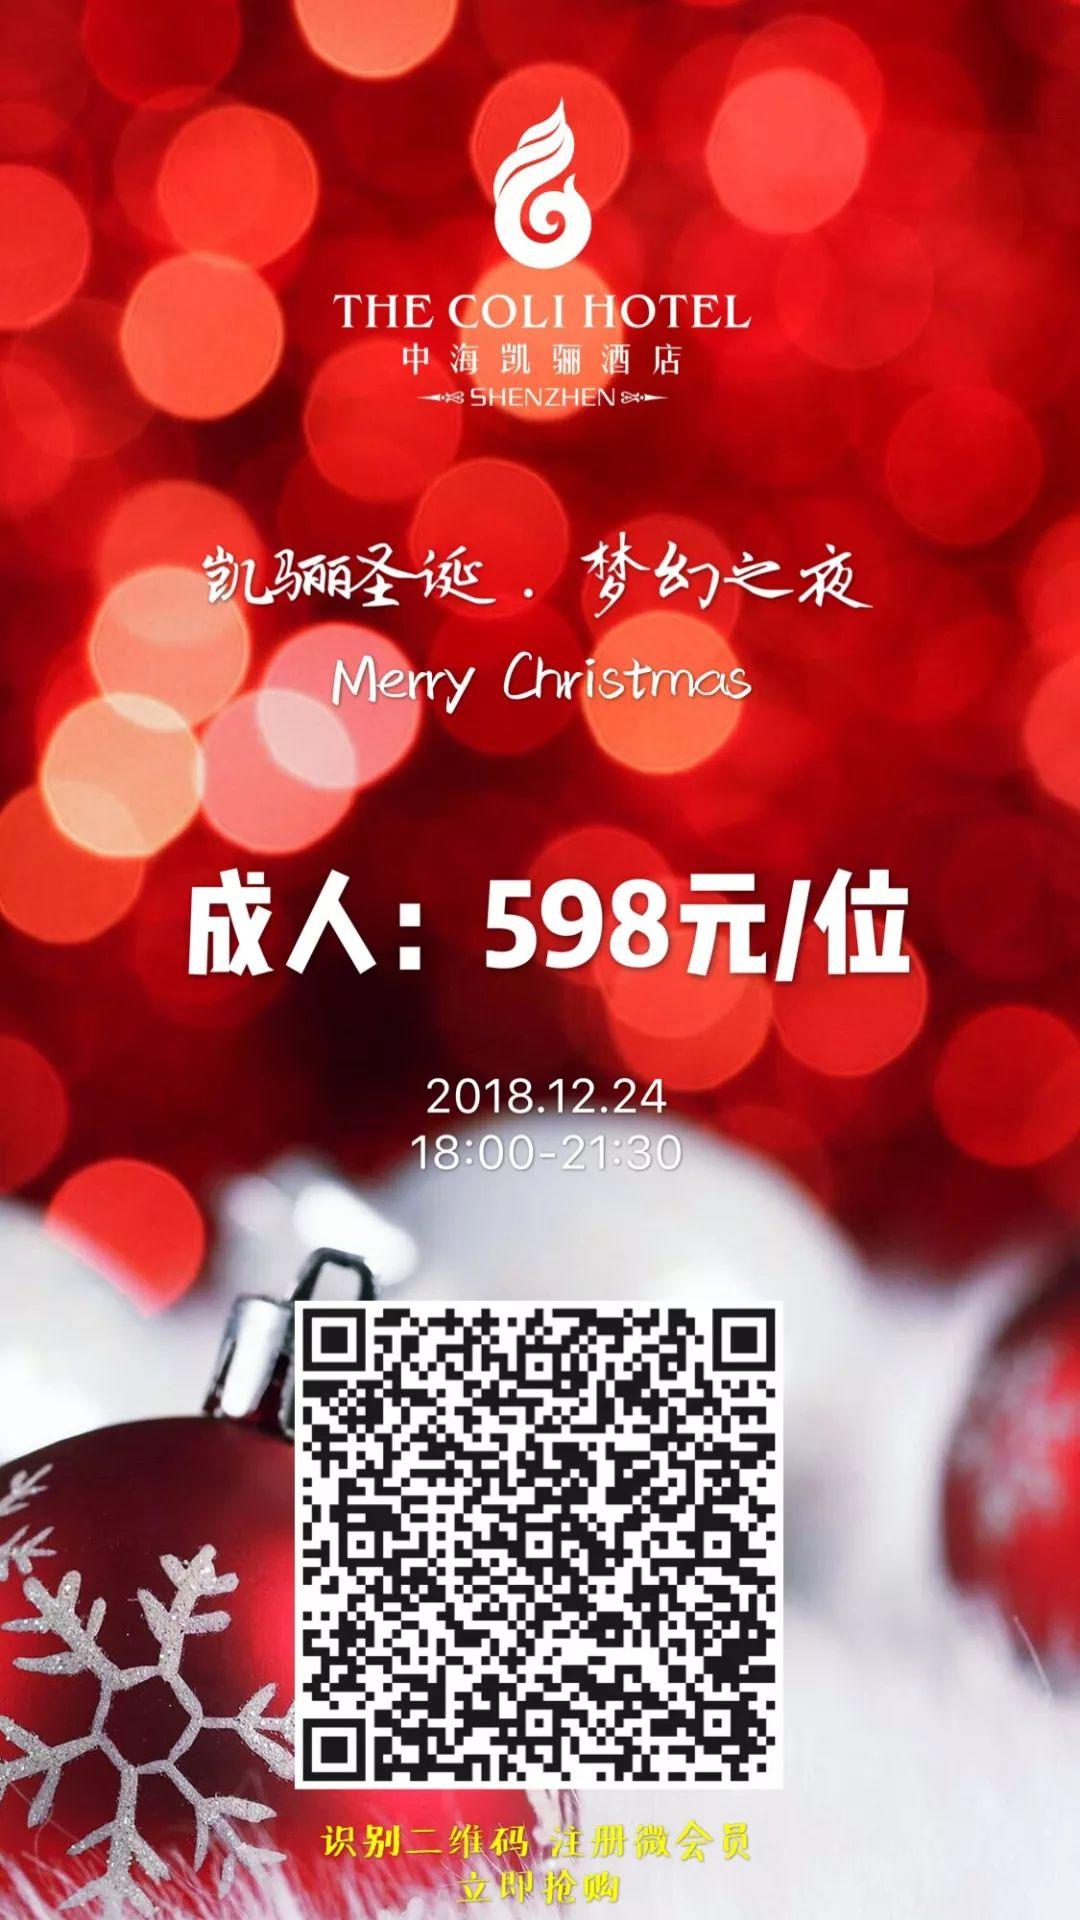 圣诞梦幻之夜 深圳中海凯骊酒店神秘礼物惊喜来袭